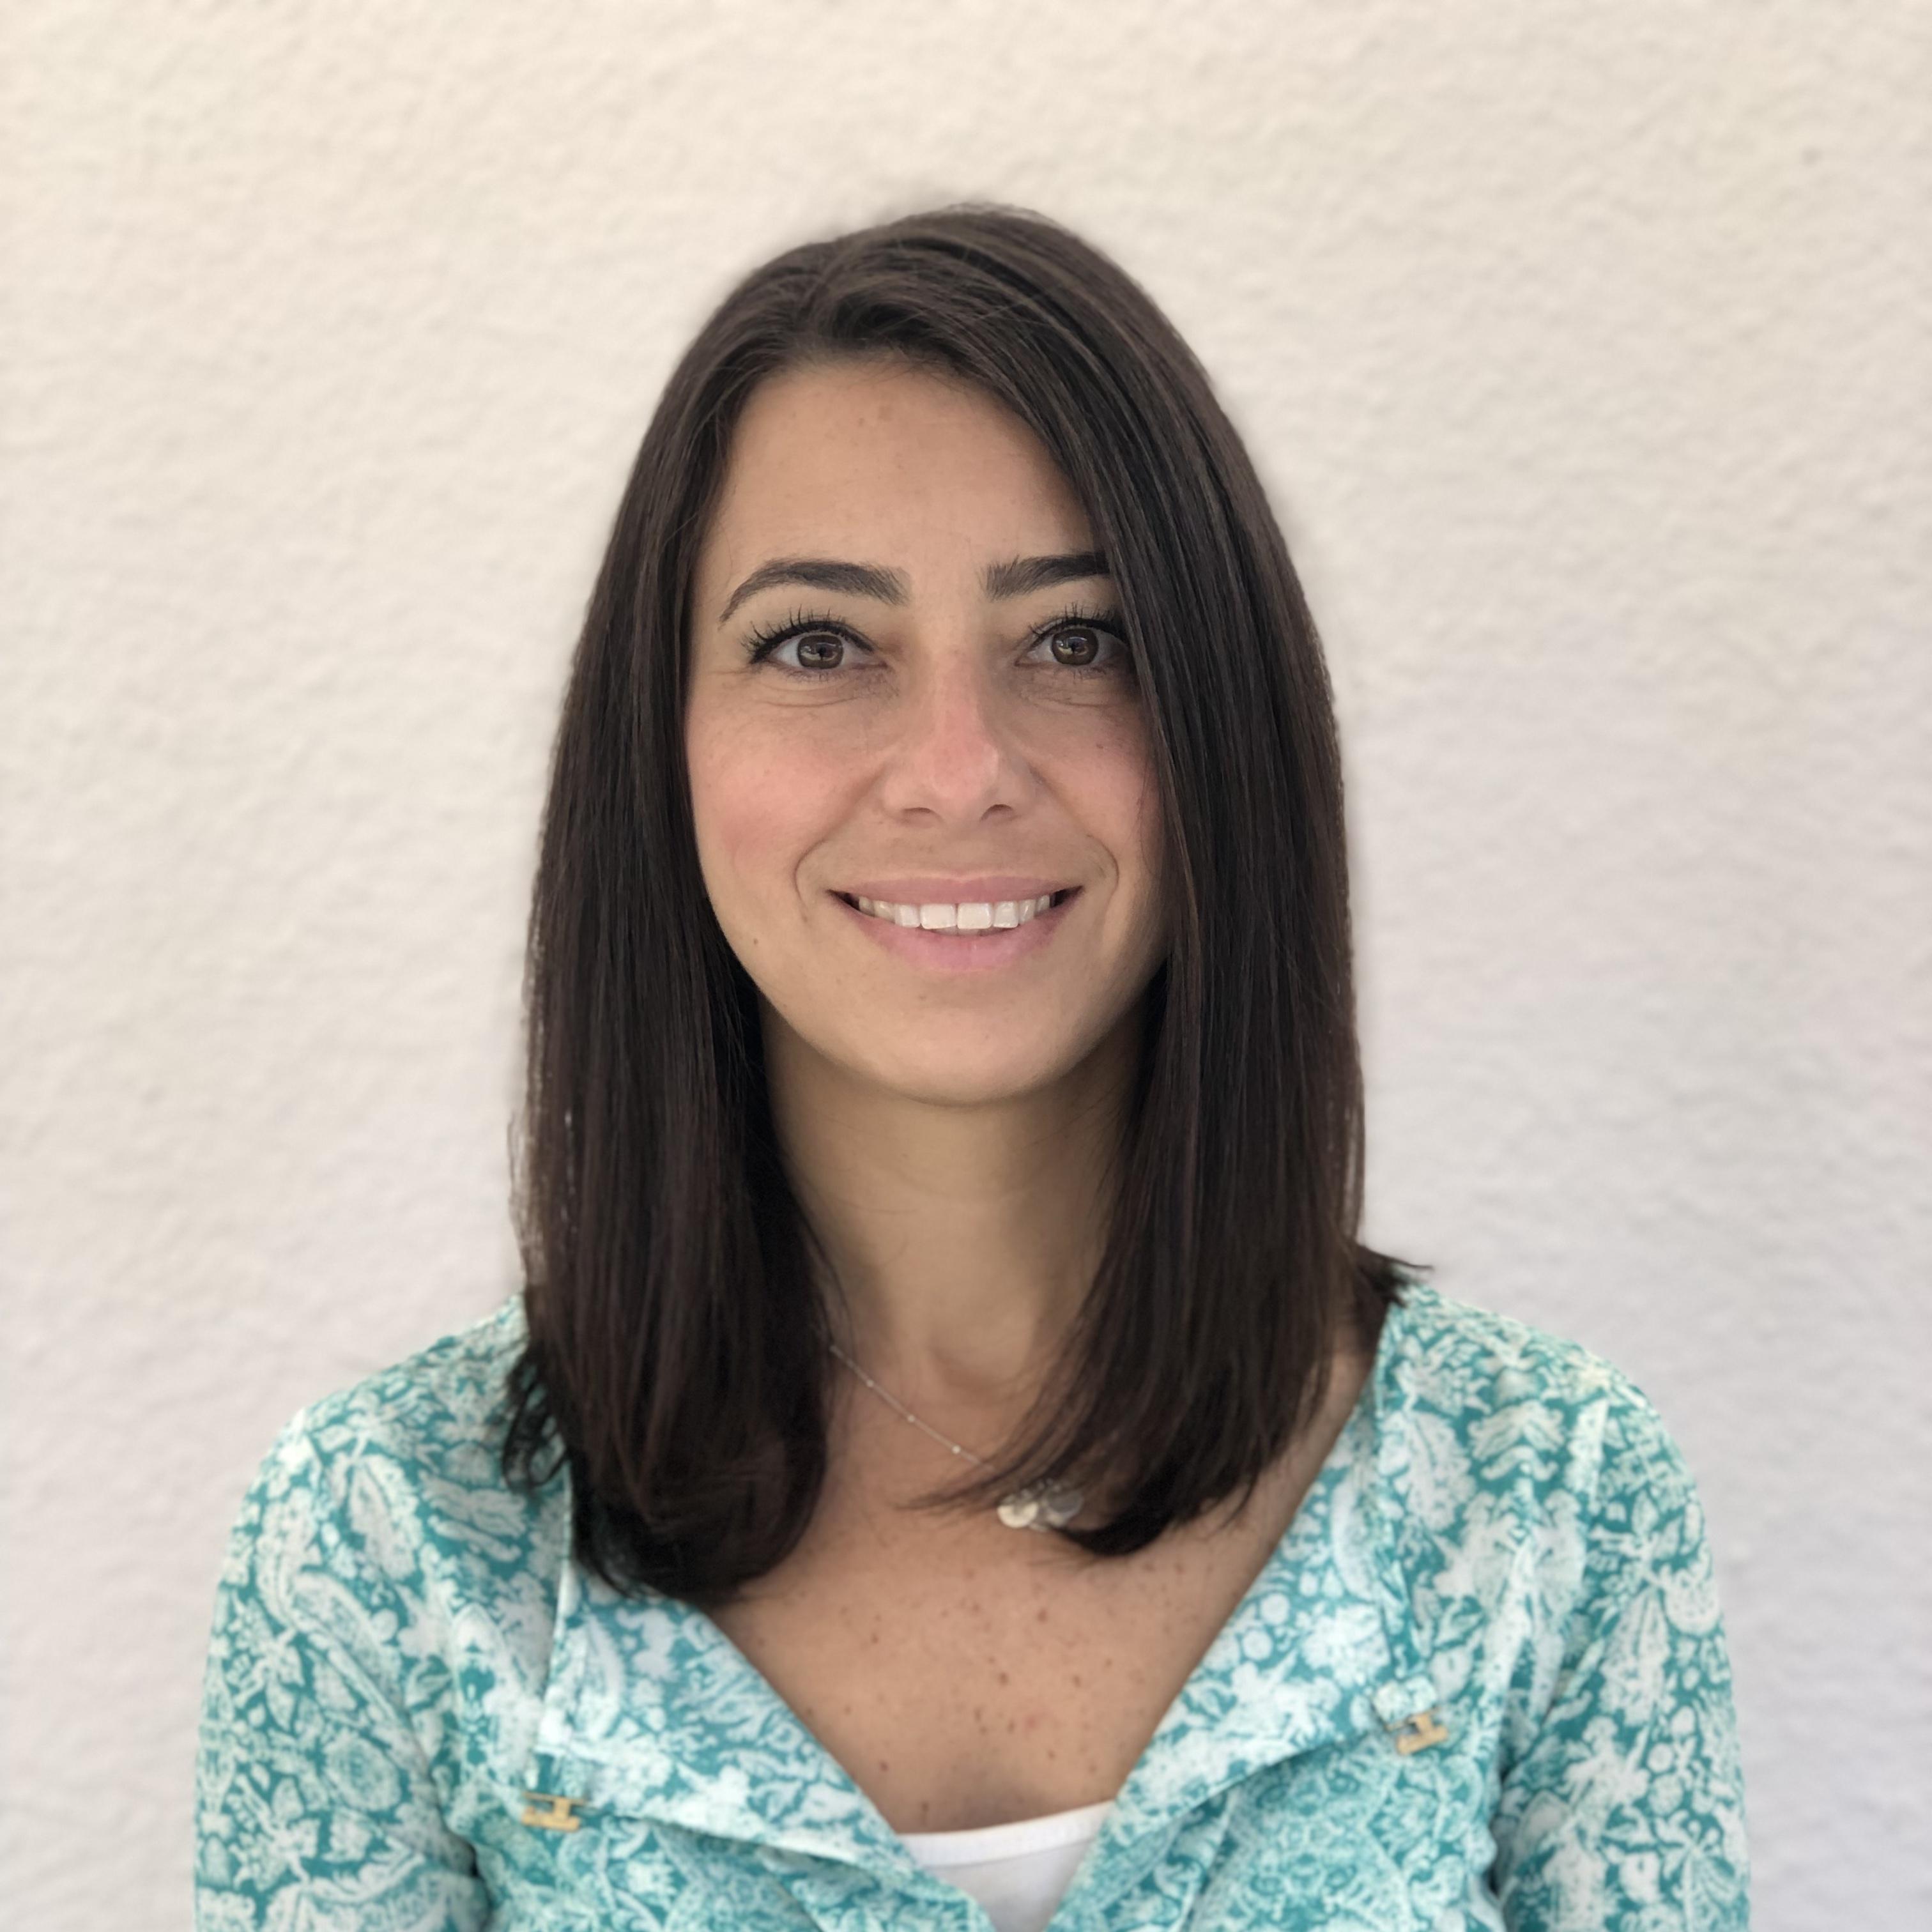 Mrs. Zepur Shahoian